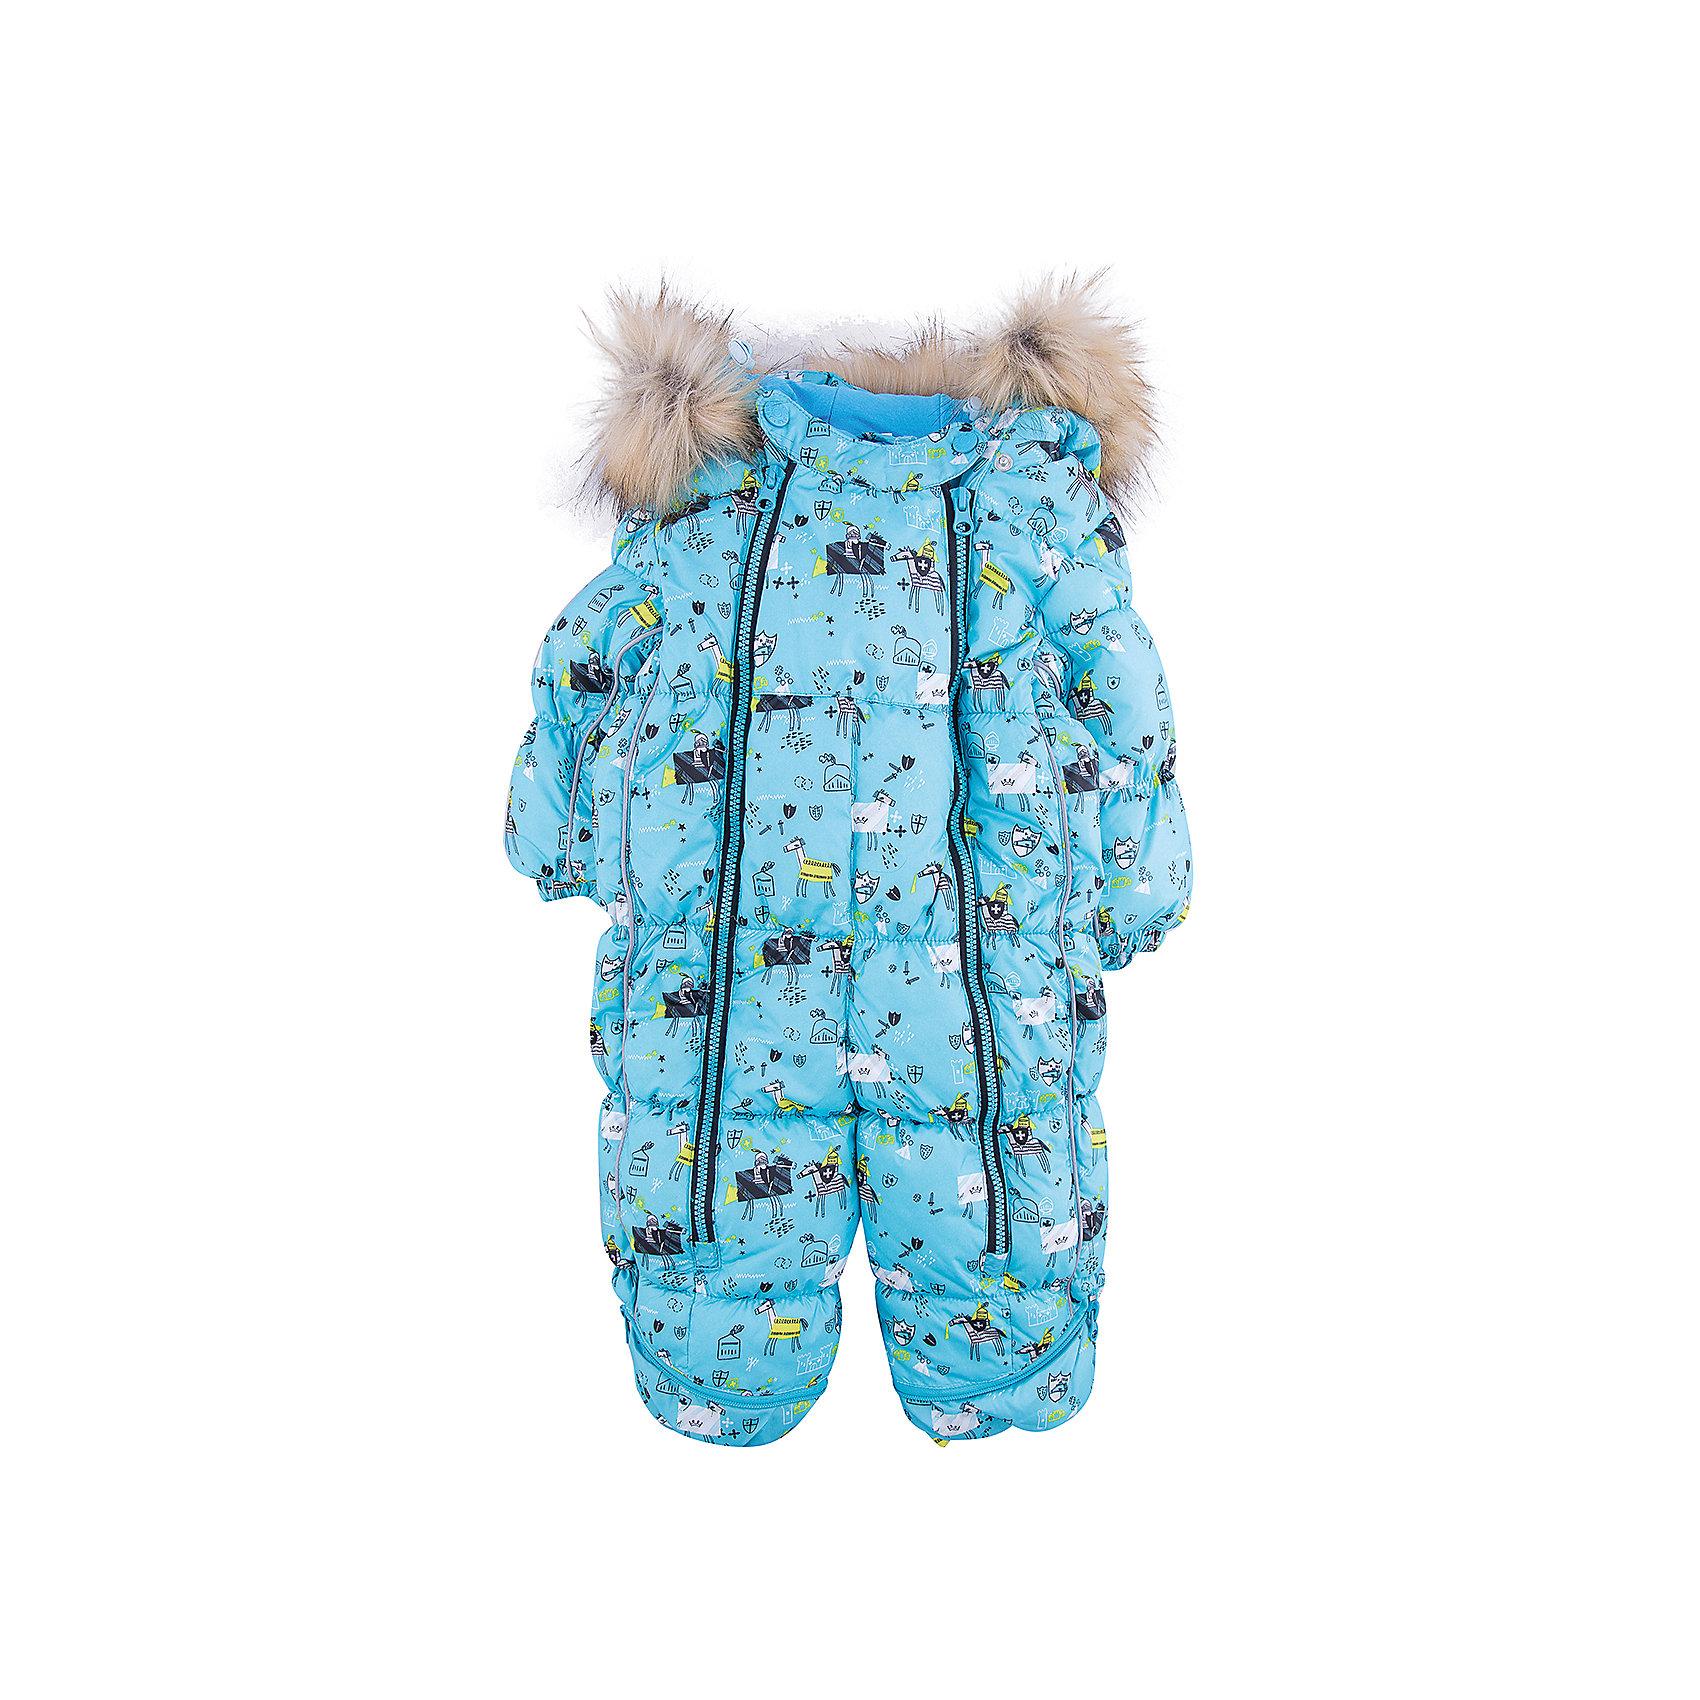 Комбинезон-трансформер Морис OLDOS для мальчикаВерхняя одежда<br>Характеристики товара:<br><br>• цвет: голубой<br>• состав ткани: 100% полиэстер, пропитка PU, Teflon<br>• подкладка: хлопок<br>• утеплитель: искусственный лебяжий пух<br>• сезон: зима<br>• температурный режим: от -35 до 0<br>• застежка: молния<br>• капюшон: с мехом, несъемный<br>• пинетки, варежки, опушка отстегиваются<br>• трансформируется в конверт<br>• страна бренда: Россия<br>• страна изготовитель: Россия<br><br>Удобный комбинезон-трансформер для мальчика дополнен съемными пинетками и варежками. Комбинезон-трансформер позволяет создать комфортный микроклимат даже в сильные морозы. Верх детского комбинезона со специальной пропиткой. Мягкая подкладка детского комбинезона-трансформера для зимы приятна на ощупь.<br><br>Комбинезон-трансформер Морис Oldos (Олдос) для мальчика можно купить в нашем интернет-магазине.<br><br>Ширина мм: 356<br>Глубина мм: 10<br>Высота мм: 245<br>Вес г: 519<br>Цвет: голубой<br>Возраст от месяцев: 12<br>Возраст до месяцев: 18<br>Пол: Мужской<br>Возраст: Детский<br>Размер: 86,74,80<br>SKU: 7016604